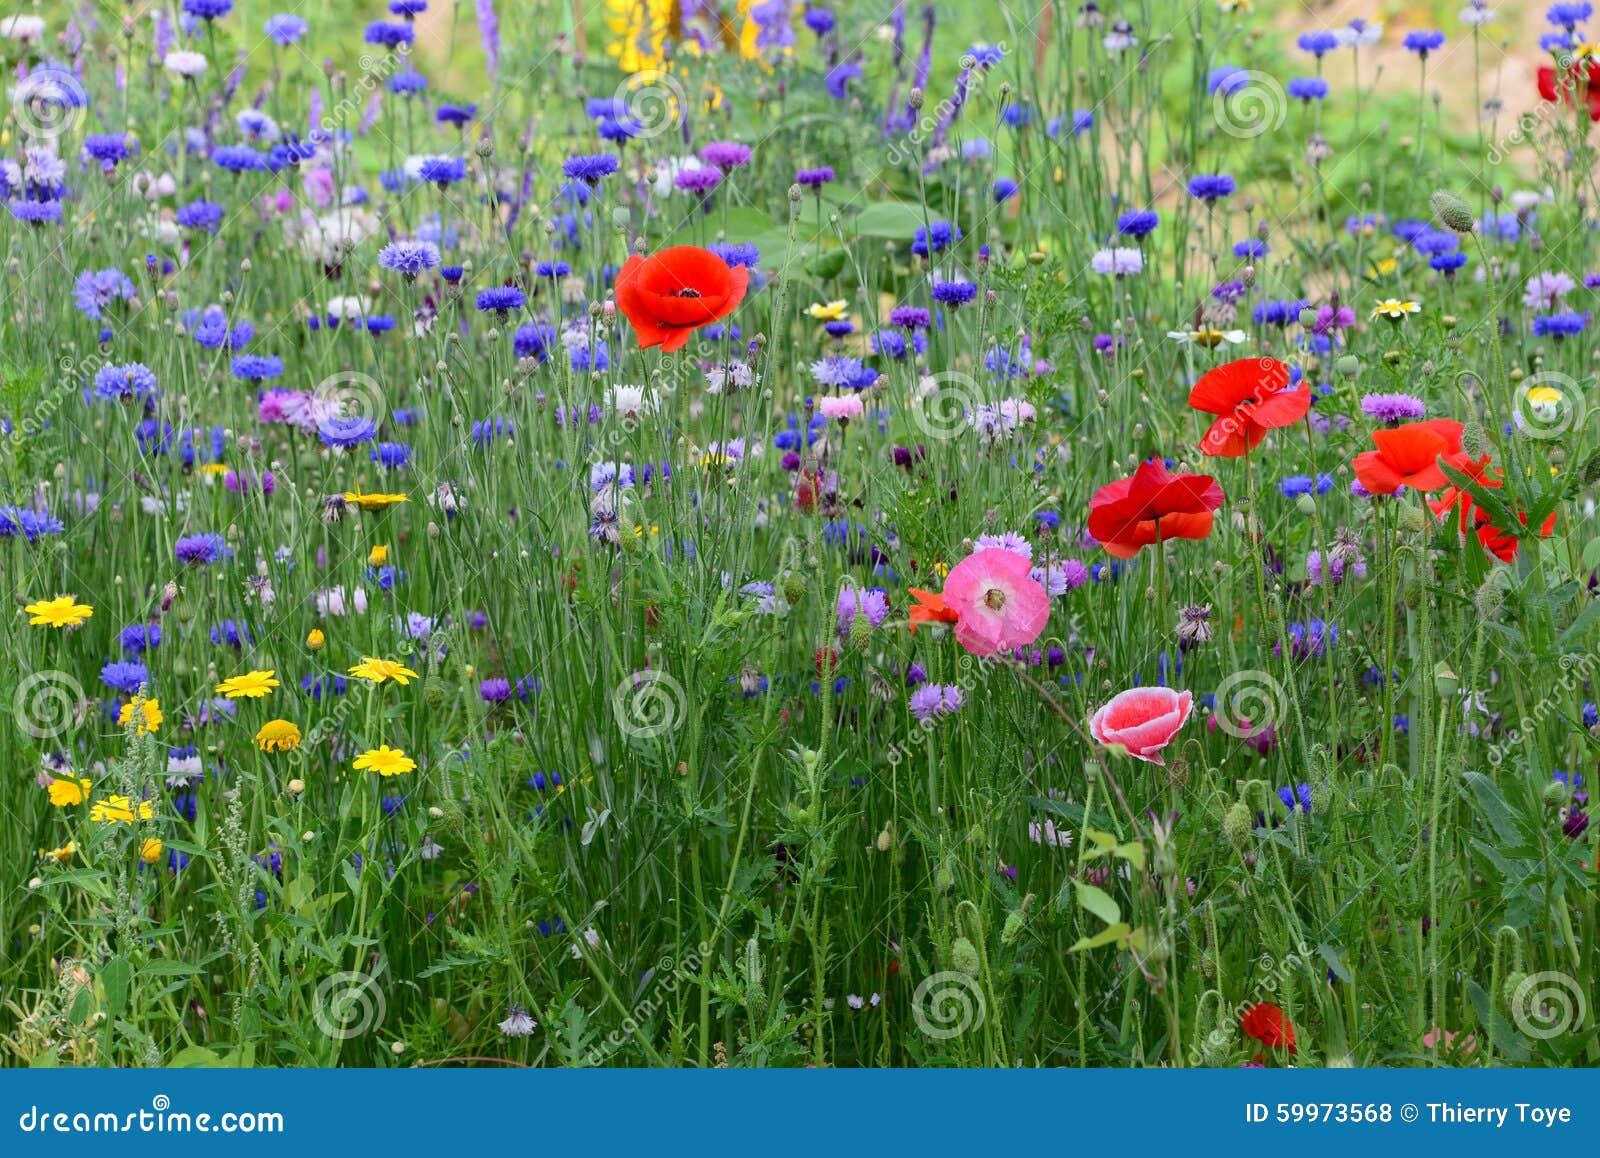 champ des fleurs sauvages avec un bon nombre de couleurs dans le jardin en belgique photo stock. Black Bedroom Furniture Sets. Home Design Ideas